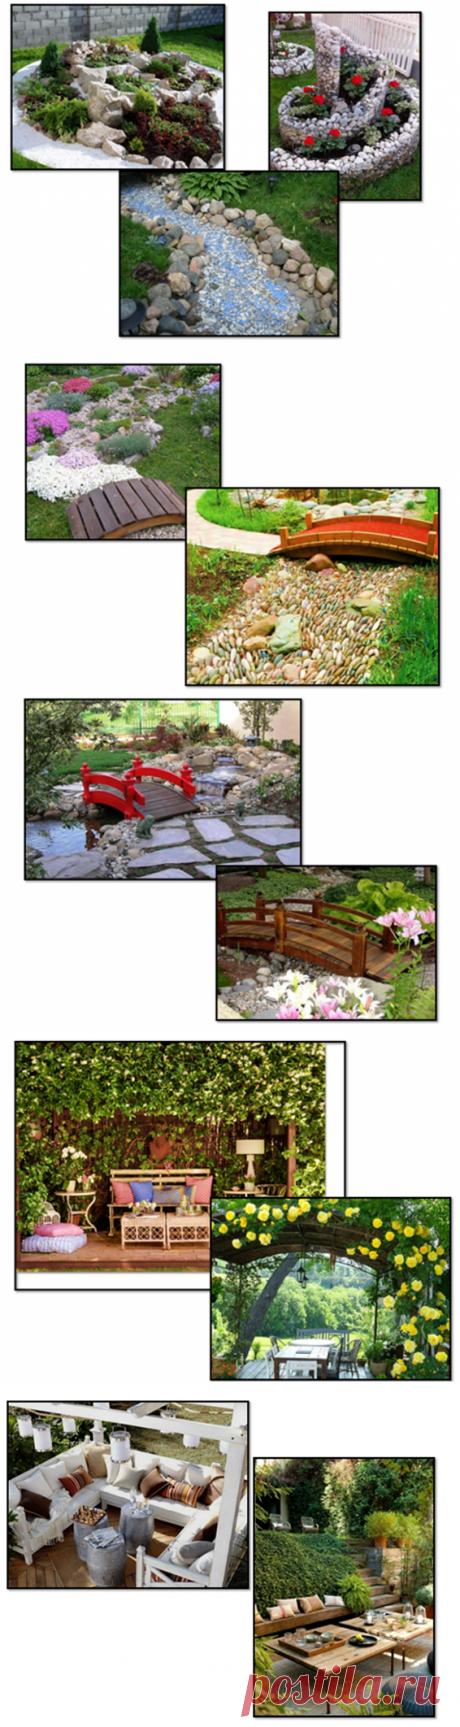 10 оригинальных идей для вашего сада. Легко, своими руками и без особых затрат! | Виктория Биолог | Яндекс Дзен